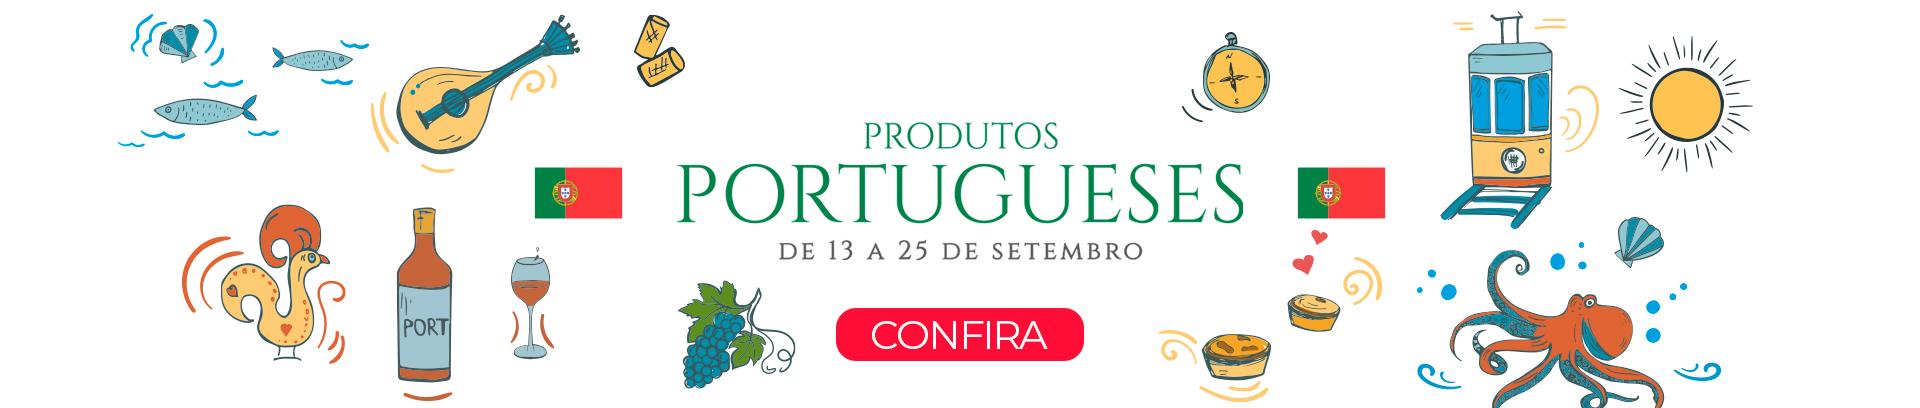 Home | Produtos Portugueses